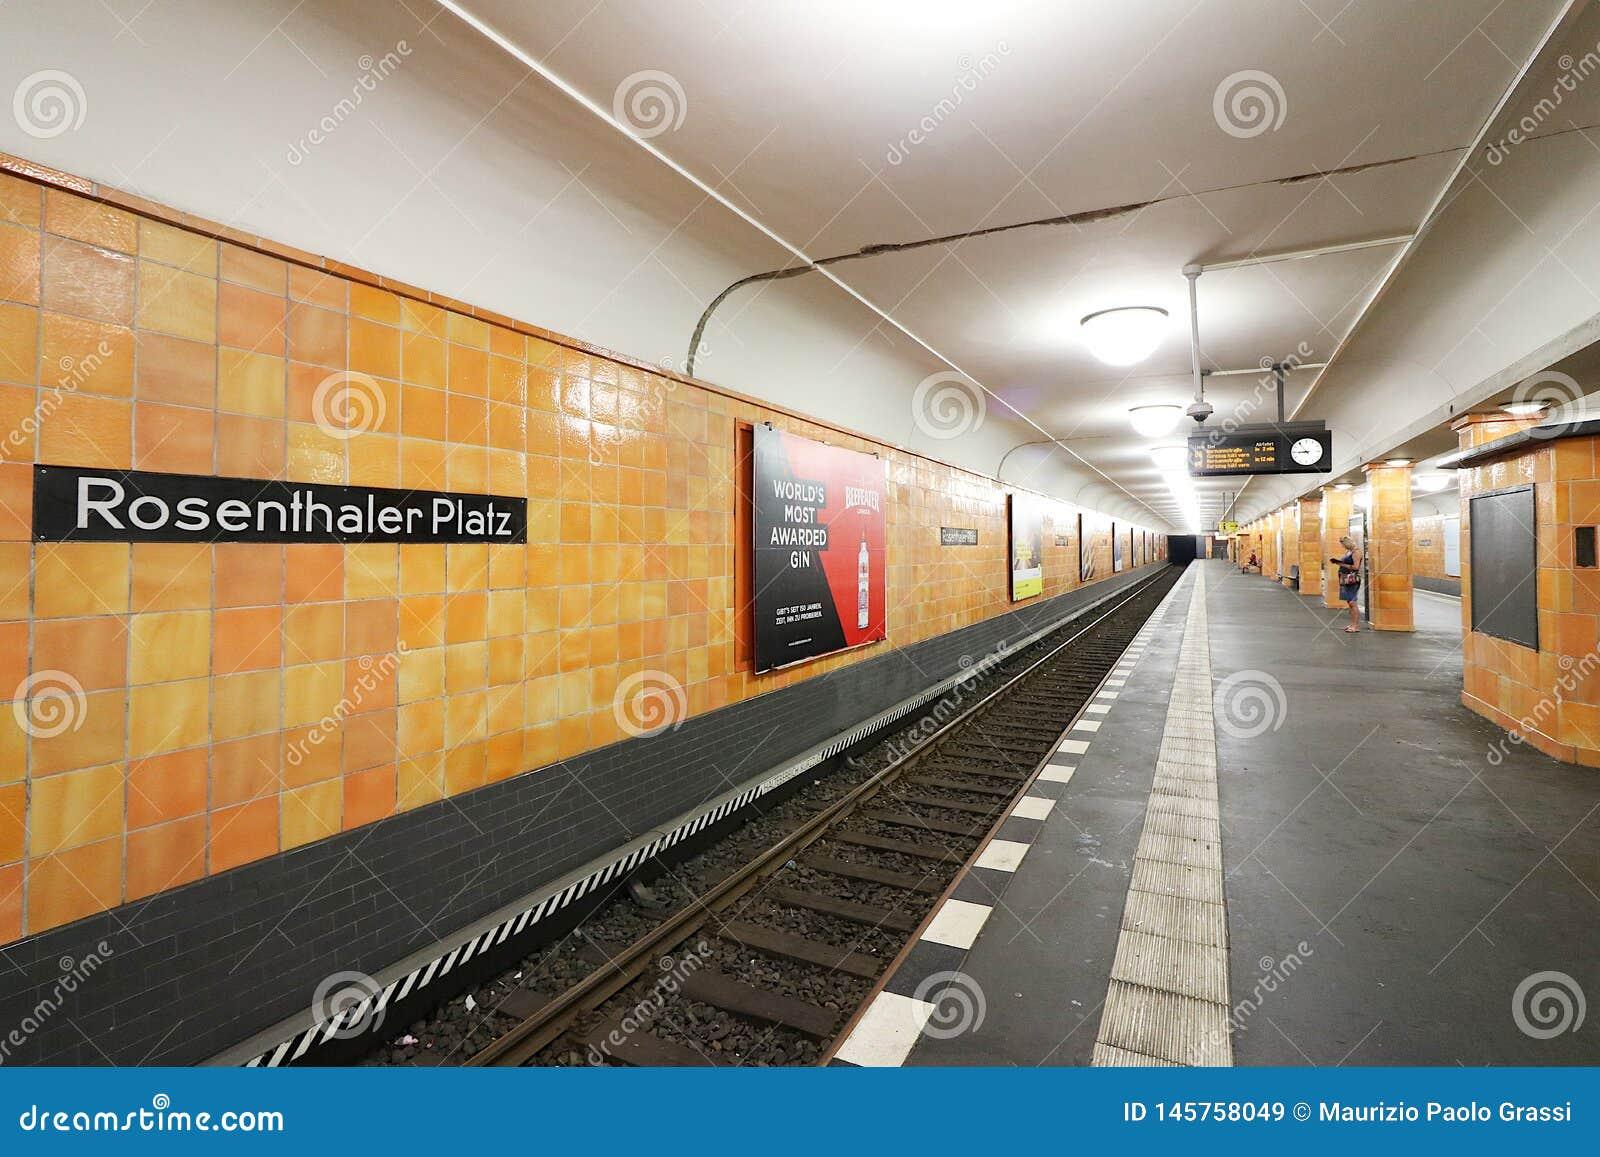 Berl?n, Alemania, el 13 de junio de 2018 Estación del metro de Rosenthaler Platz Paredes cubiertas en de cerámica anaranjado